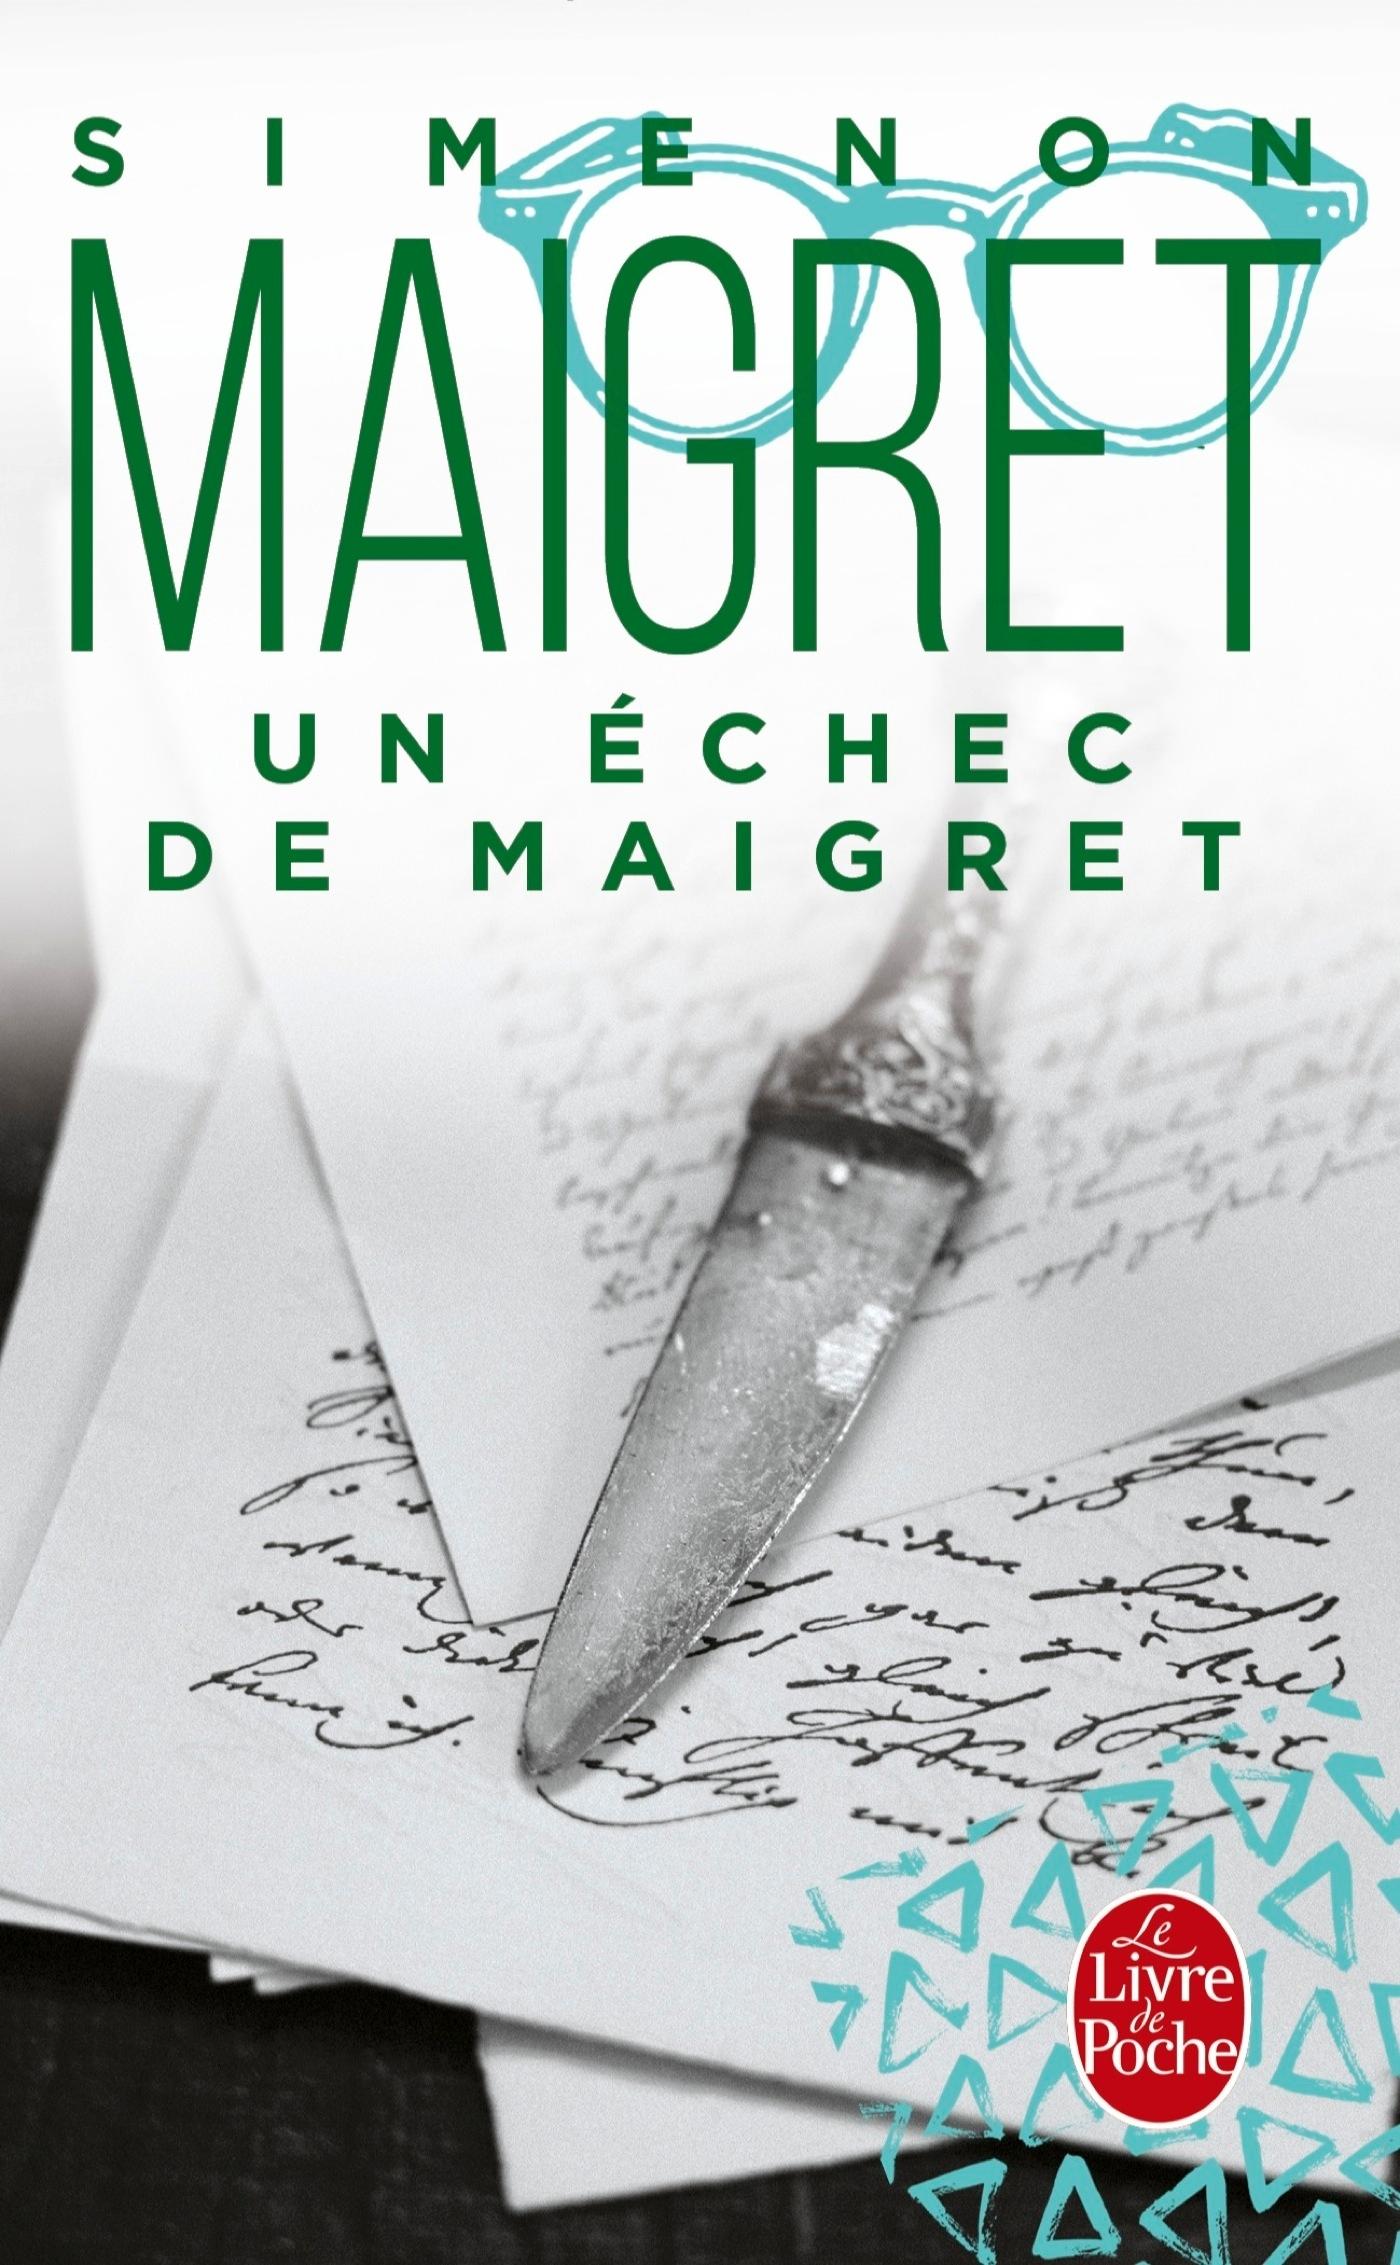 UN ECHEC DE MAIGRET